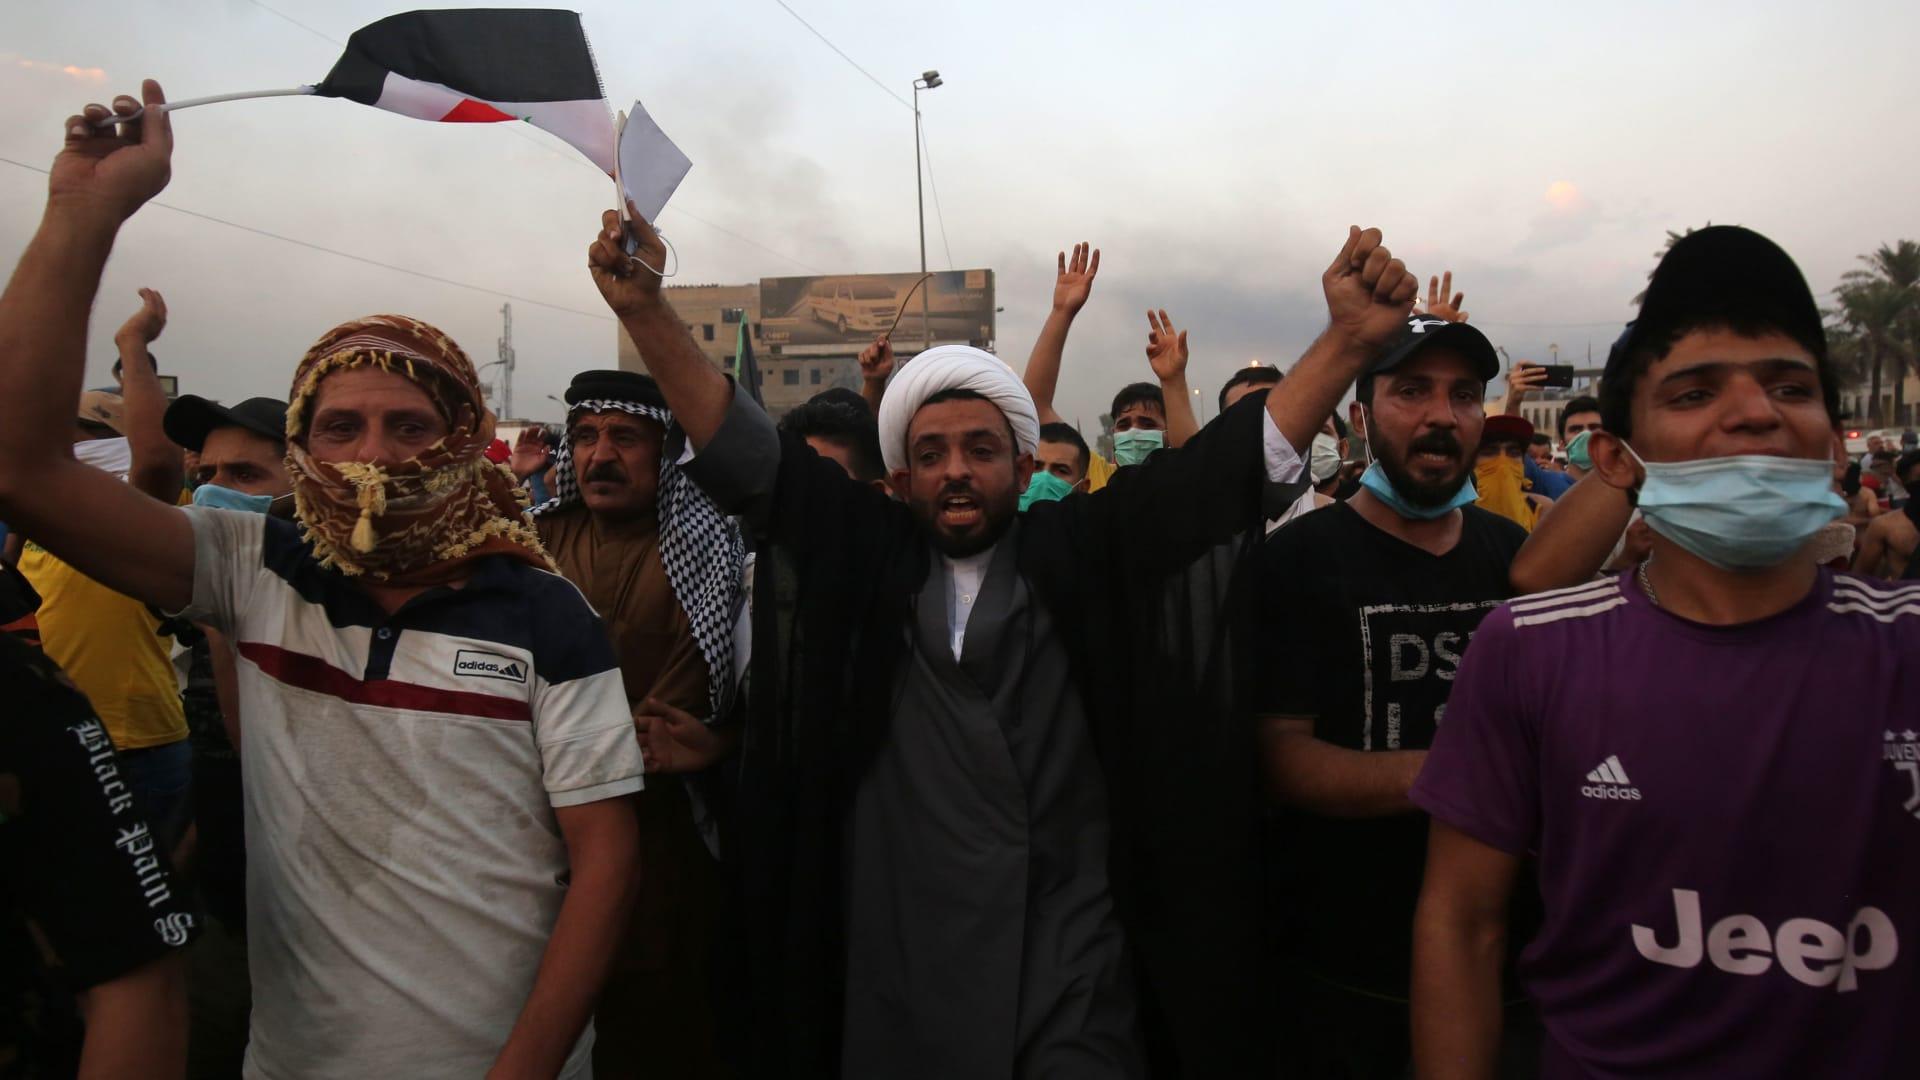 مصدر يكشف لـCNN آخر حصيلة قتلى في مظاهرات العراق.. وهذه تعليقات الصدر والمالكي وعلاوي